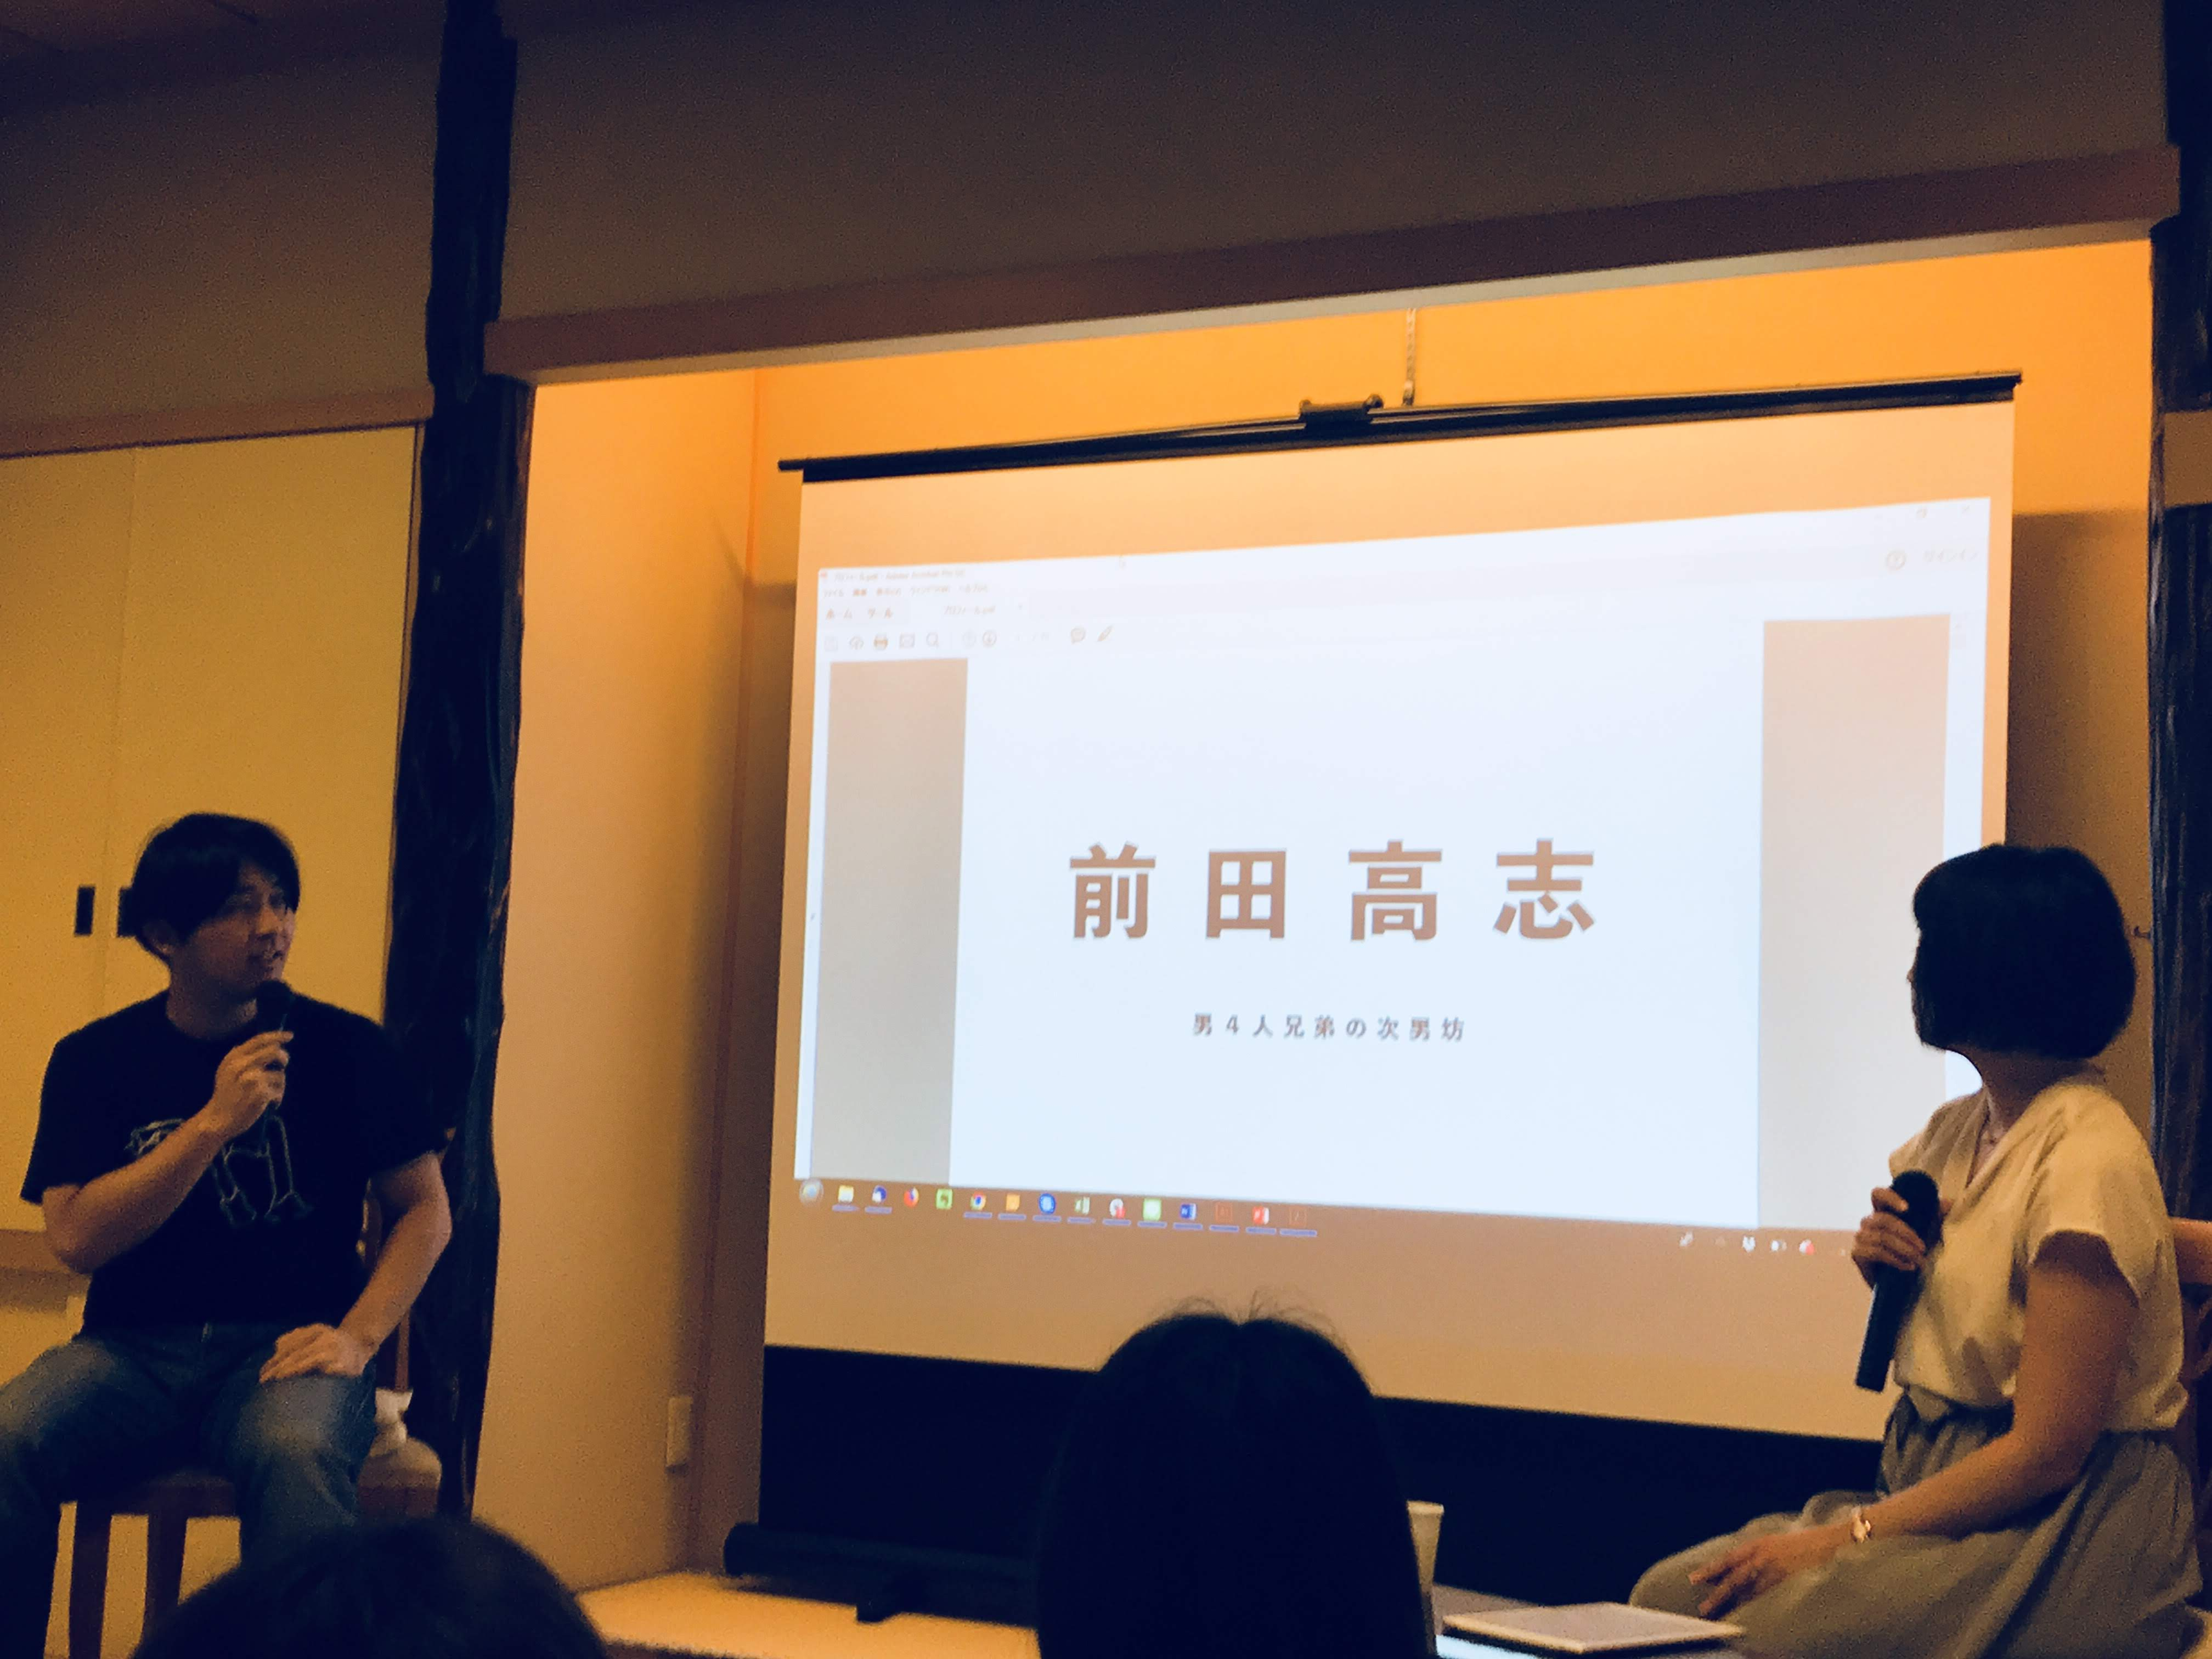 デザイナー前田高志さんのトークイベントに参加してきたよ!